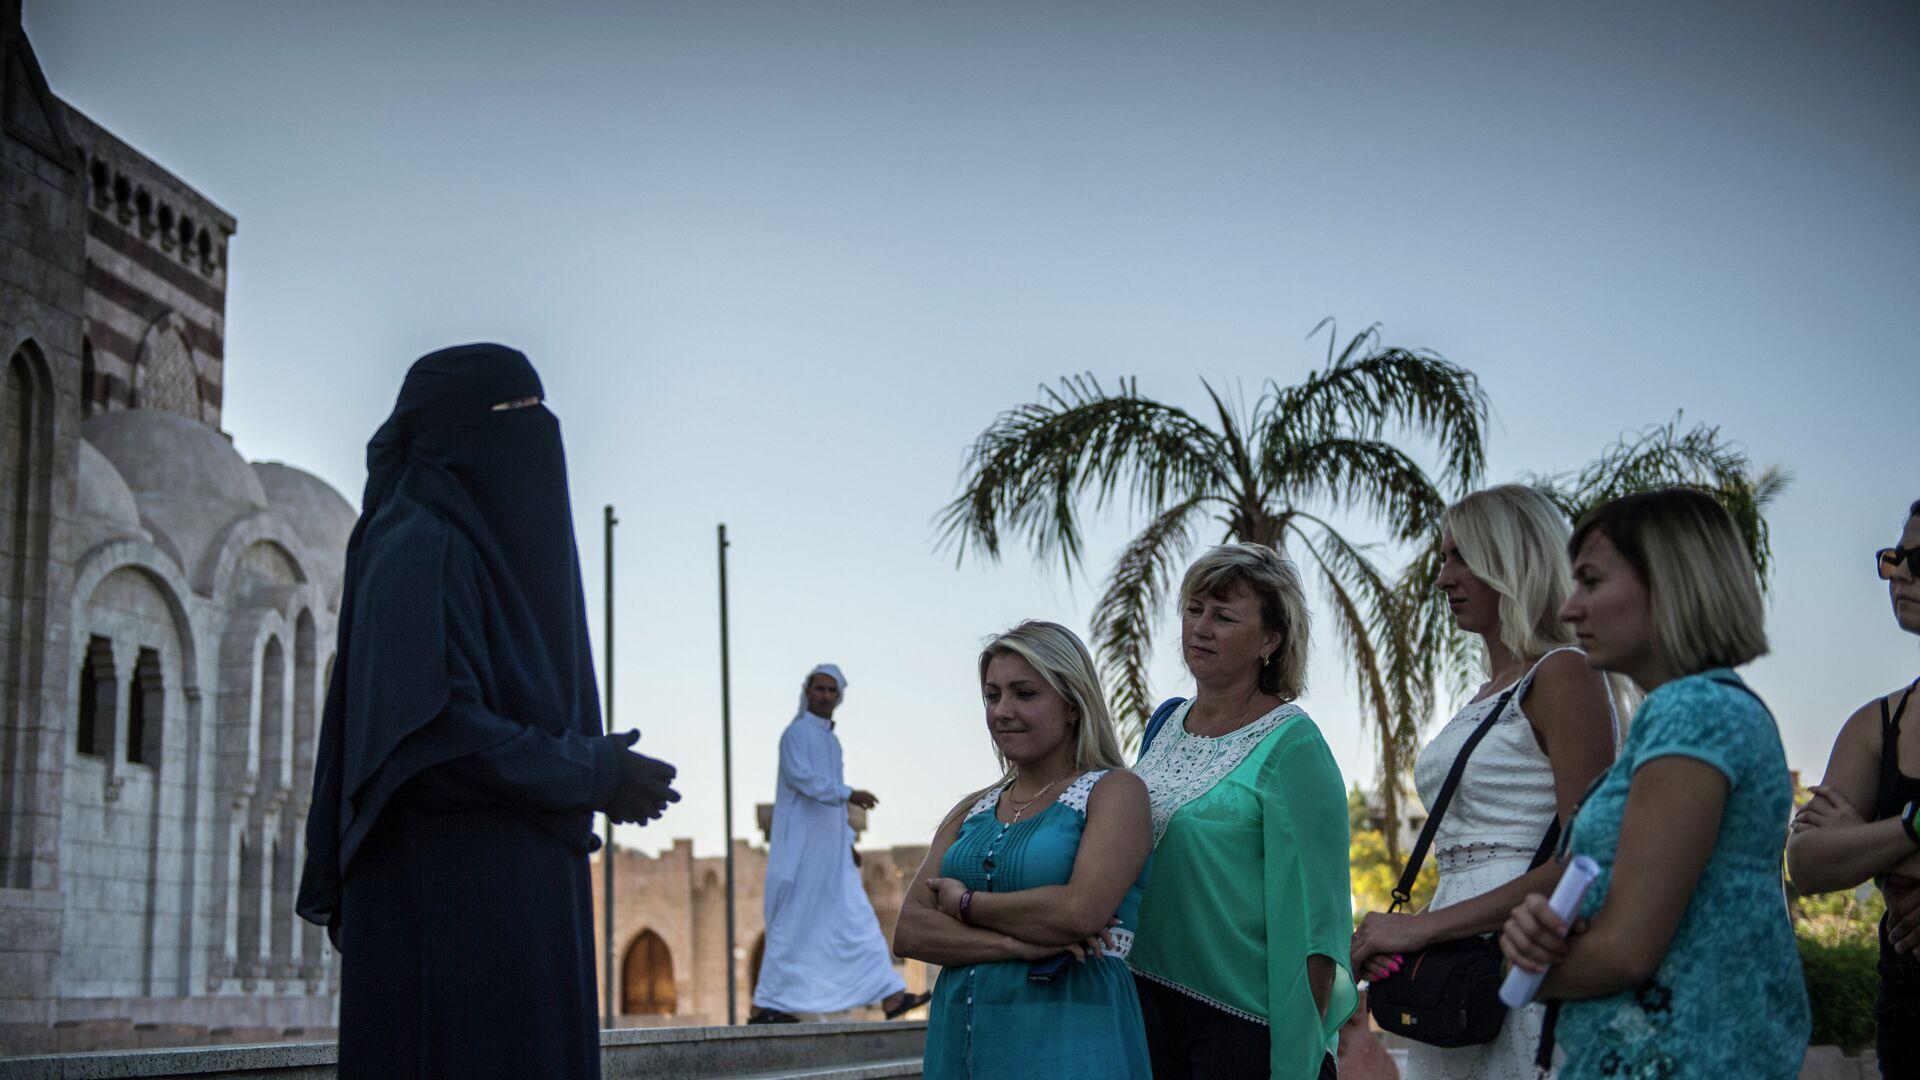 Российские туристы во время посещения главной мечети в египетском городе Шарм-эш-Шейхе - РИА Новости, 1920, 23.04.2021